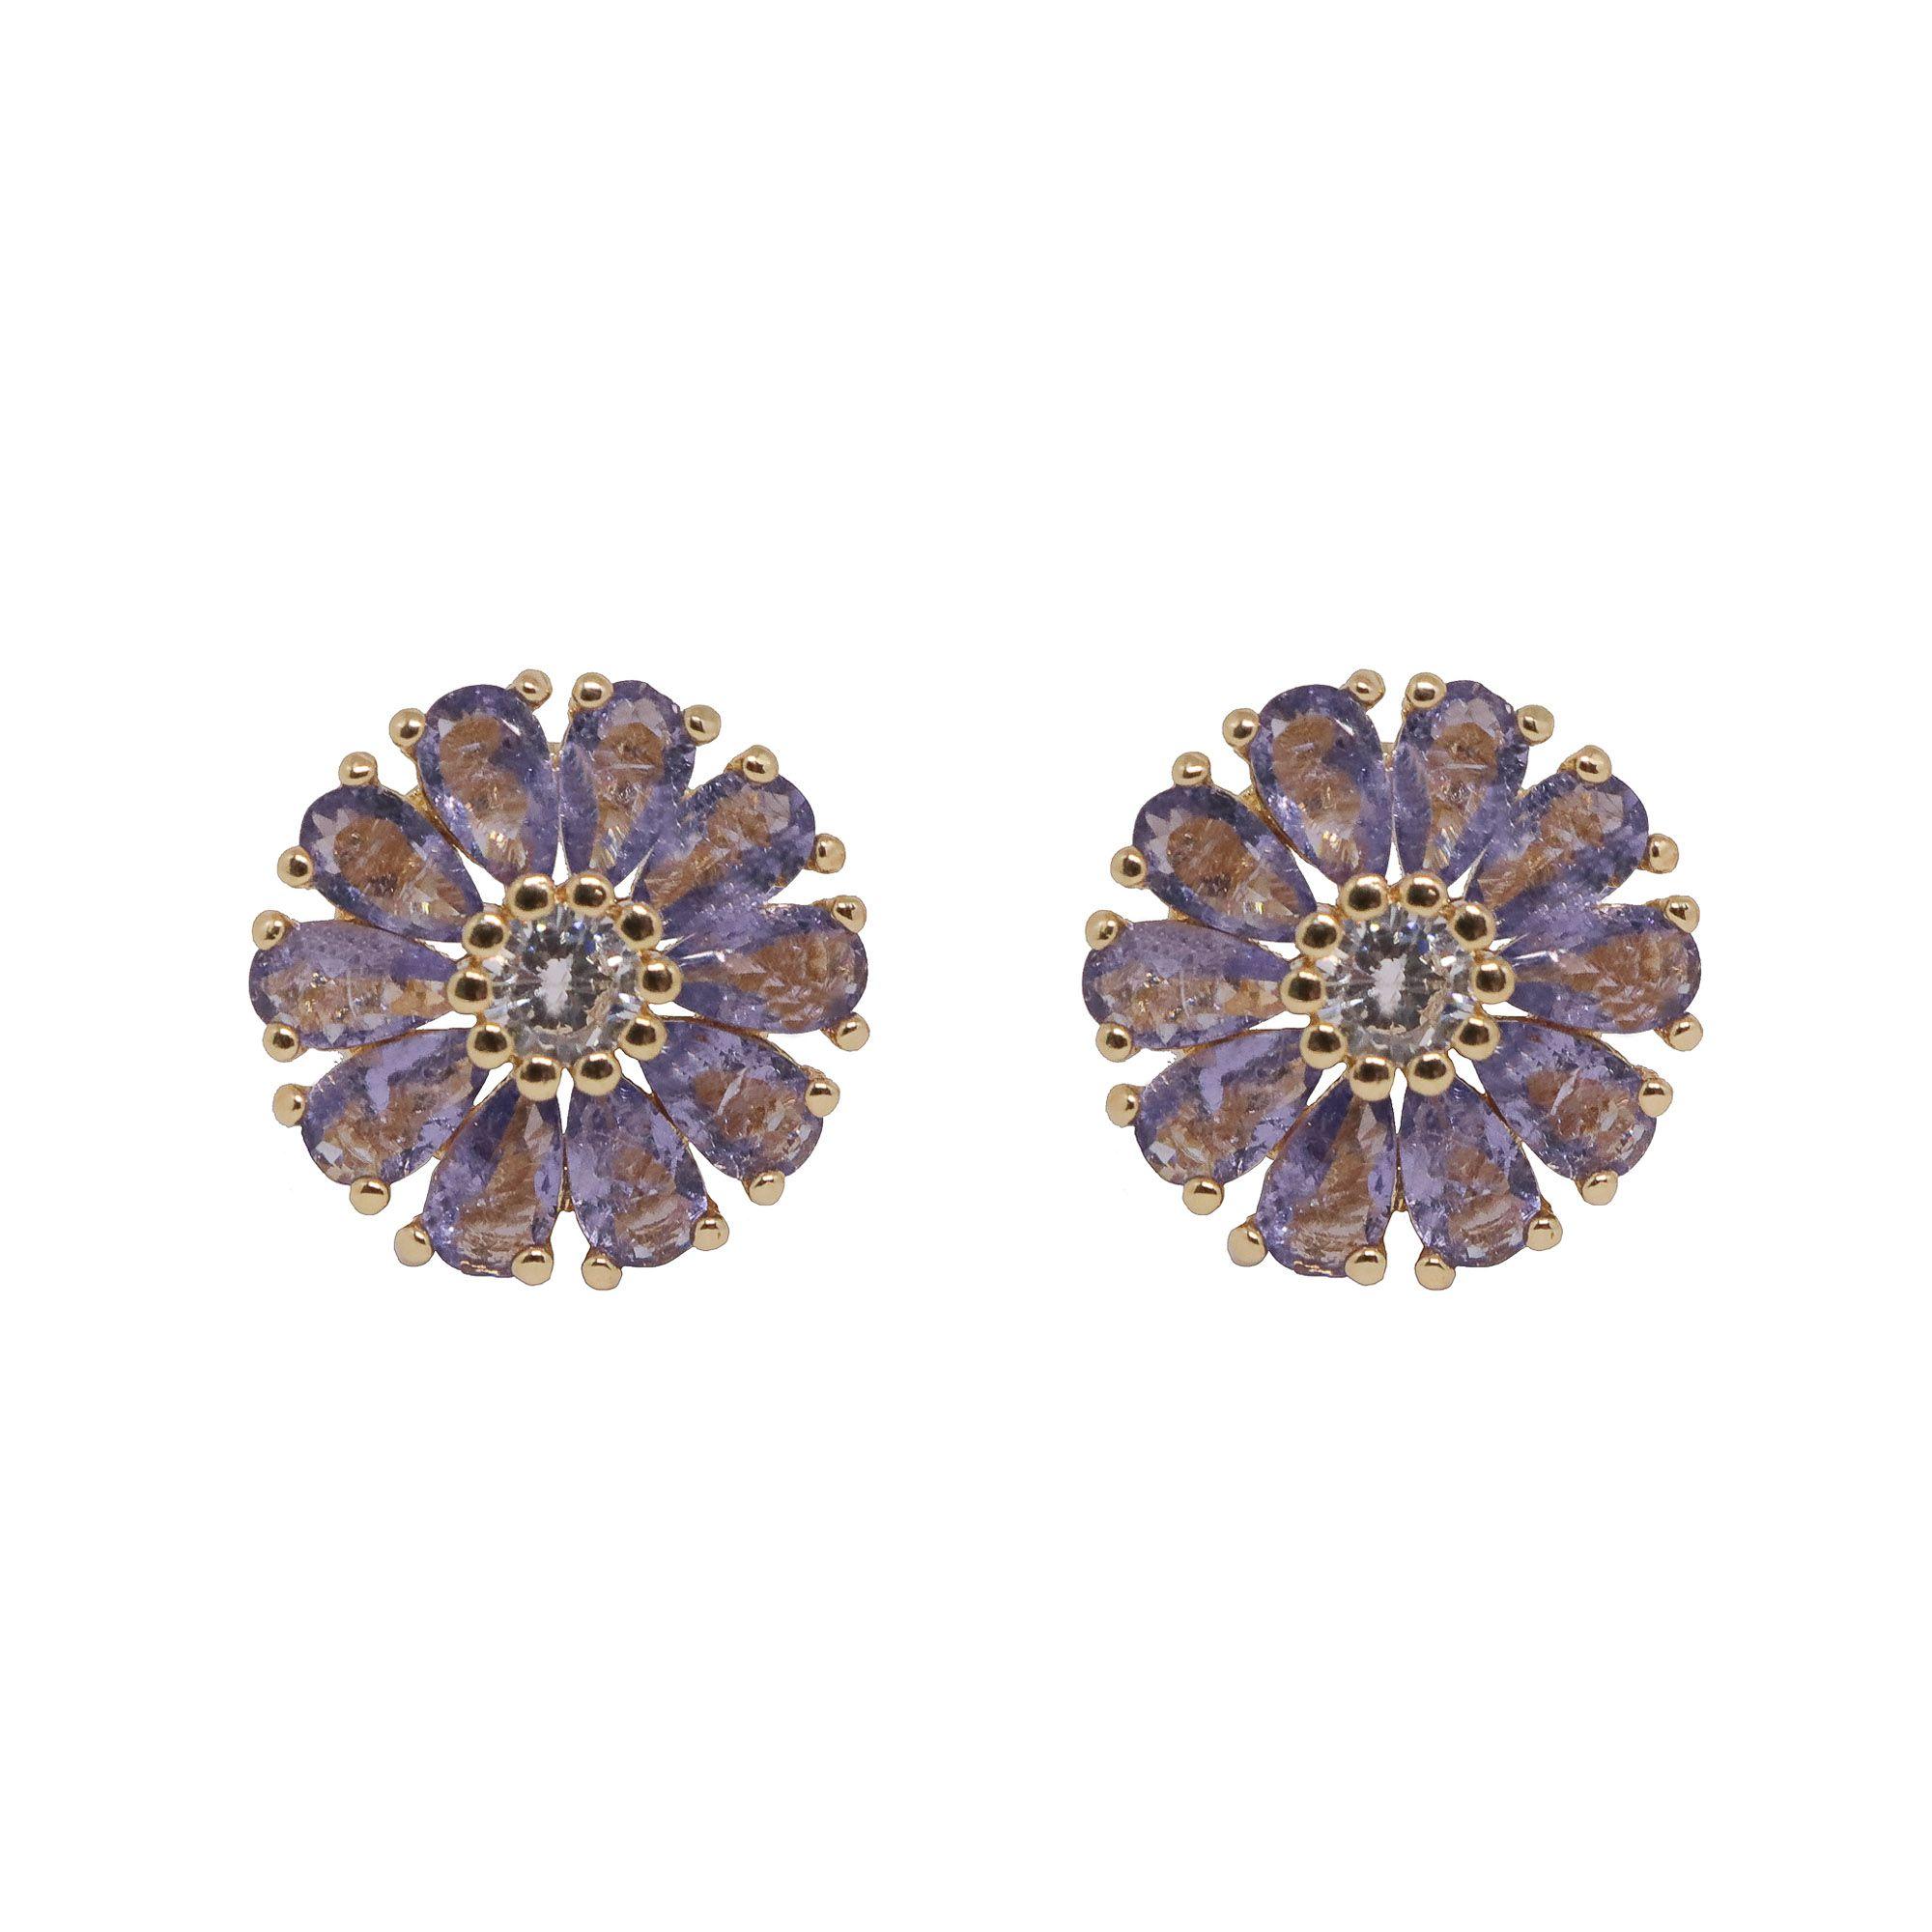 Brinco folheado semijoia Flor de zirconia Fusion